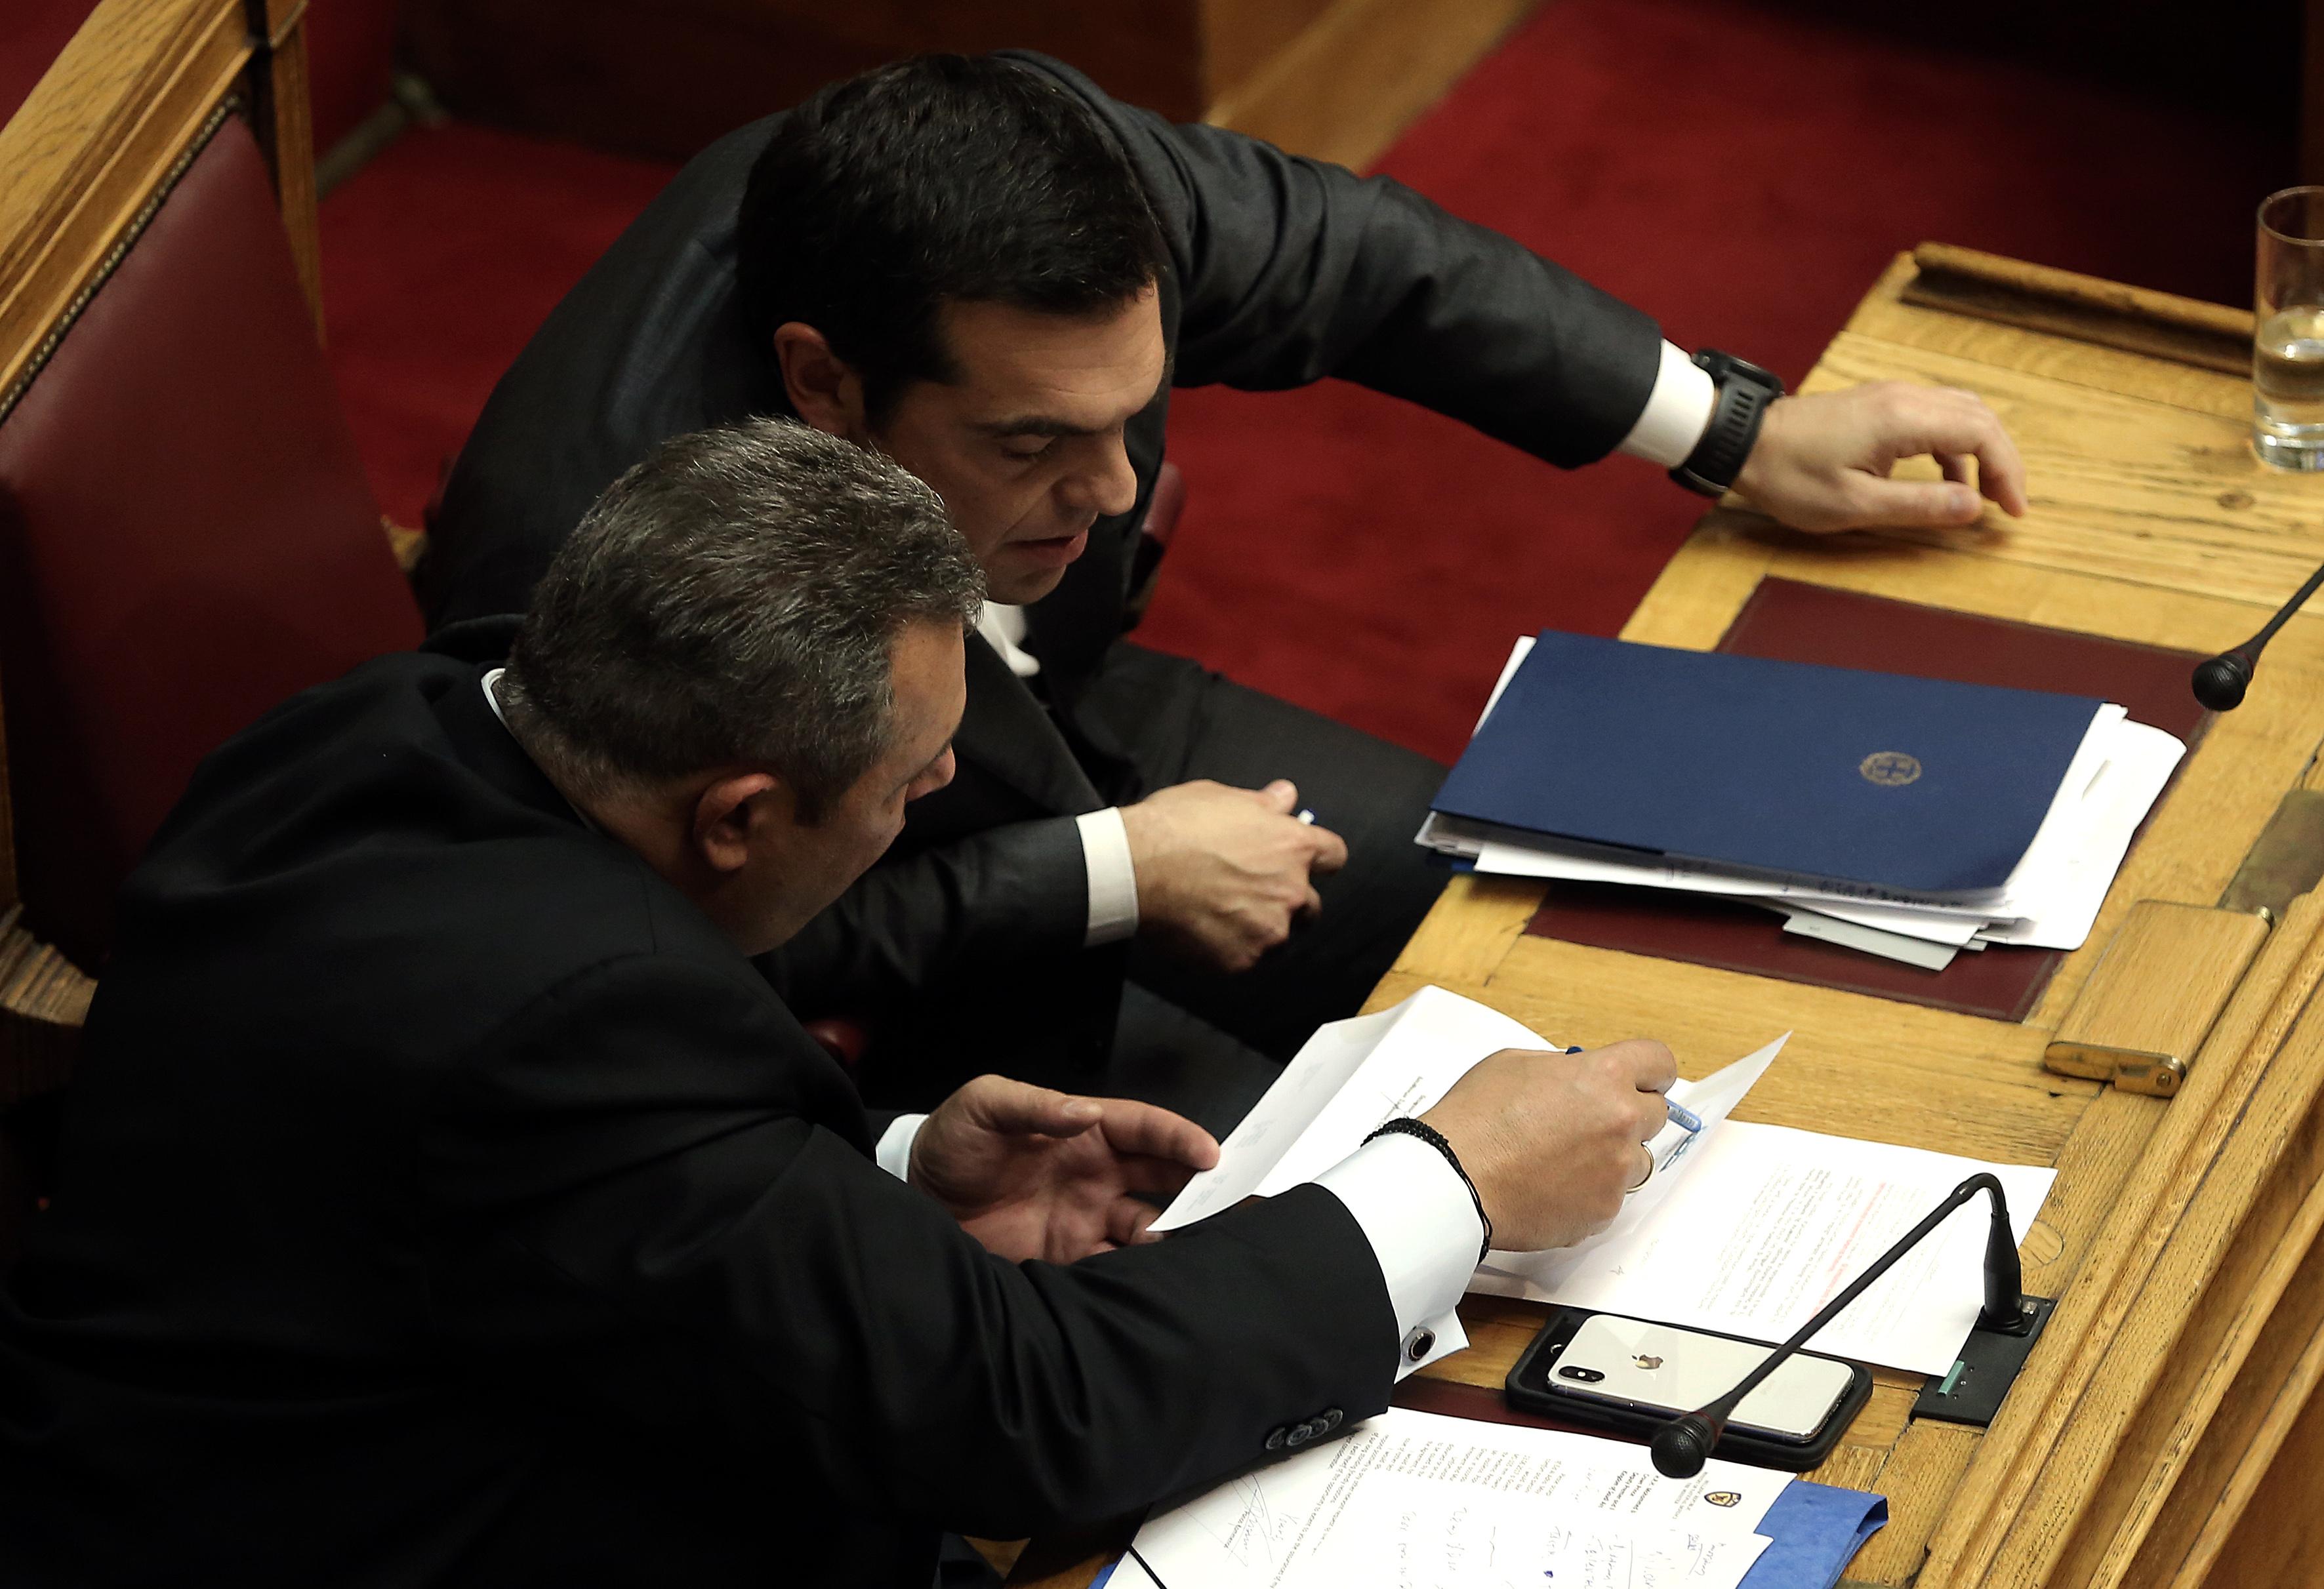 Κατάρρευση του κυβερνητικού συνασπισμού δείχνουν οι δημοσκοπήσεις   tovima.gr